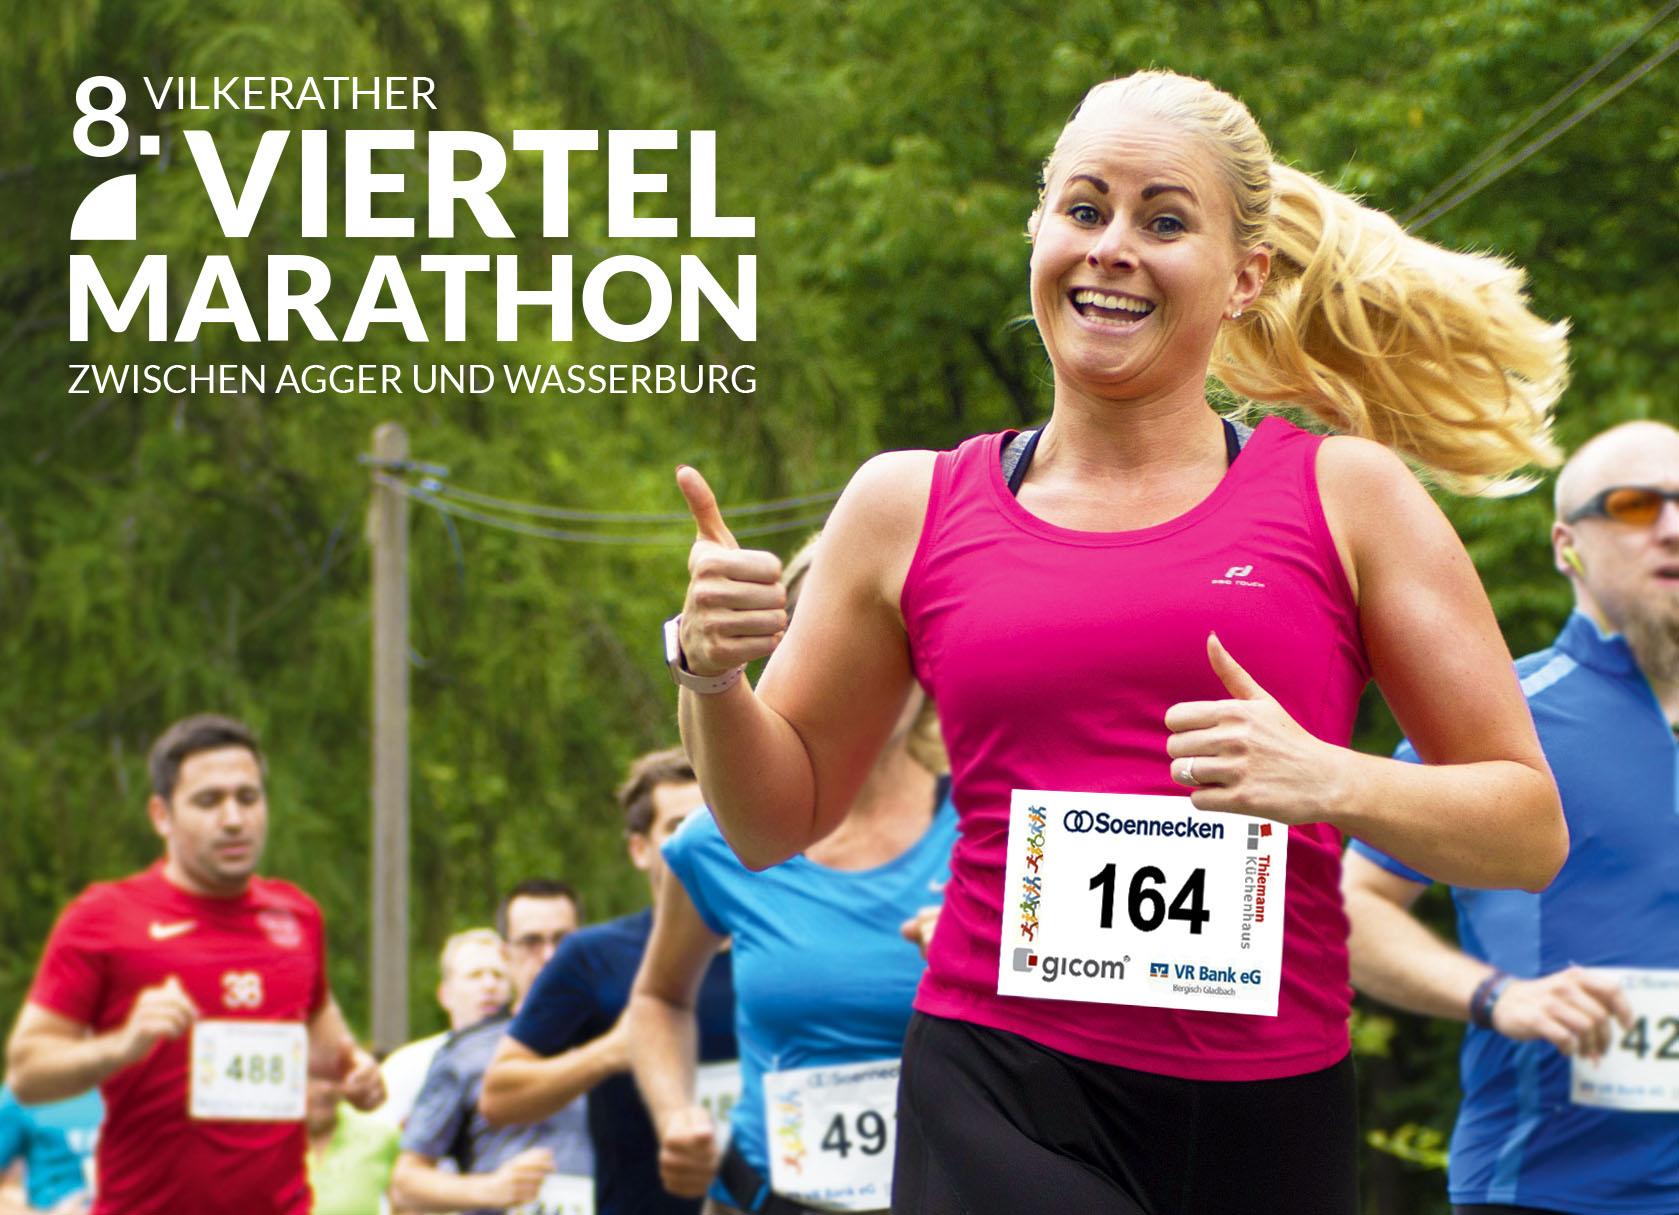 Kuechenhaus Thiemann Viertelmarathon